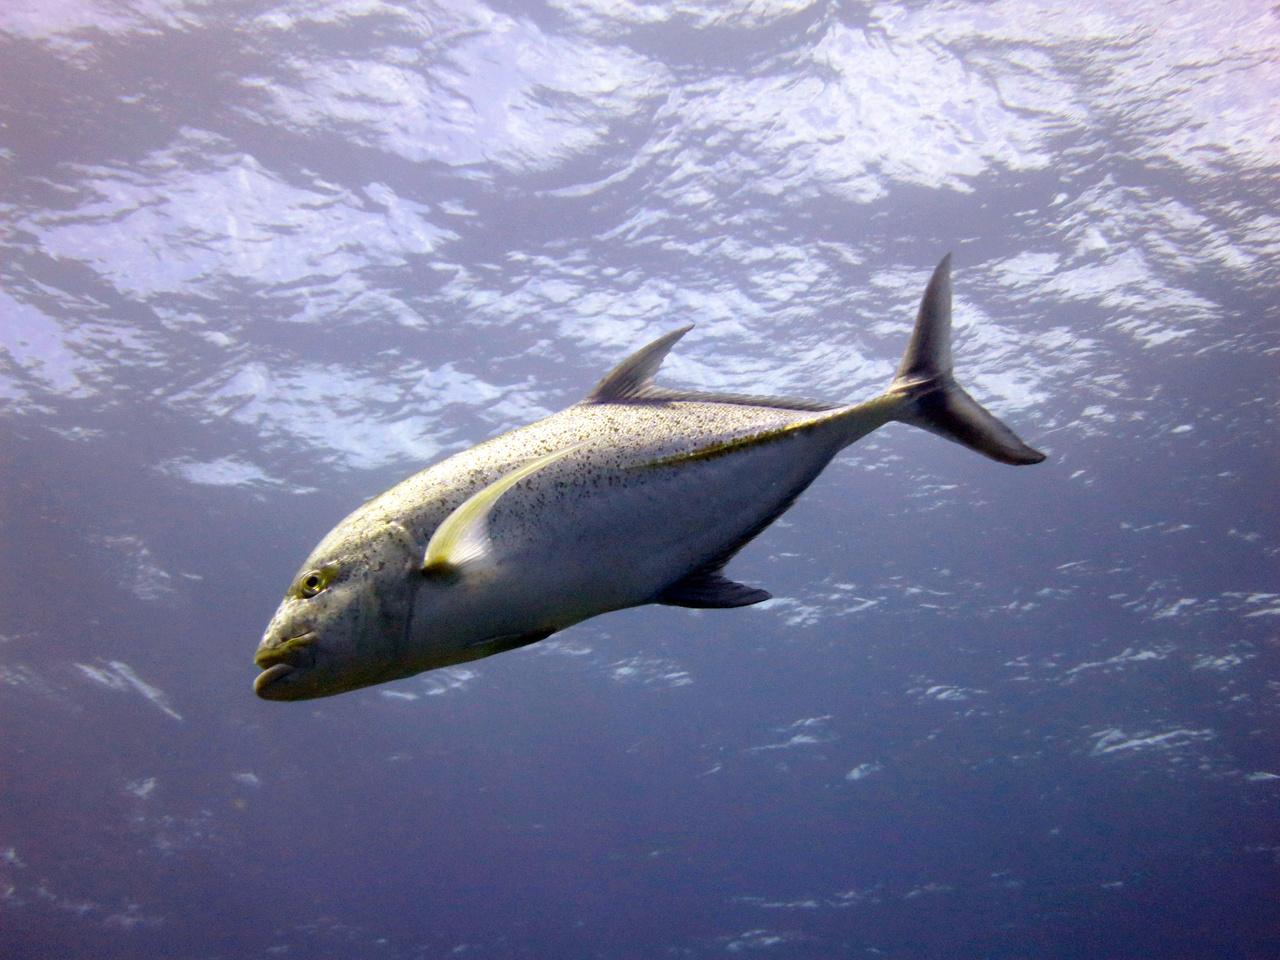 Bluefin trevally (Caranx melampygus) near Kahoʻolawe.